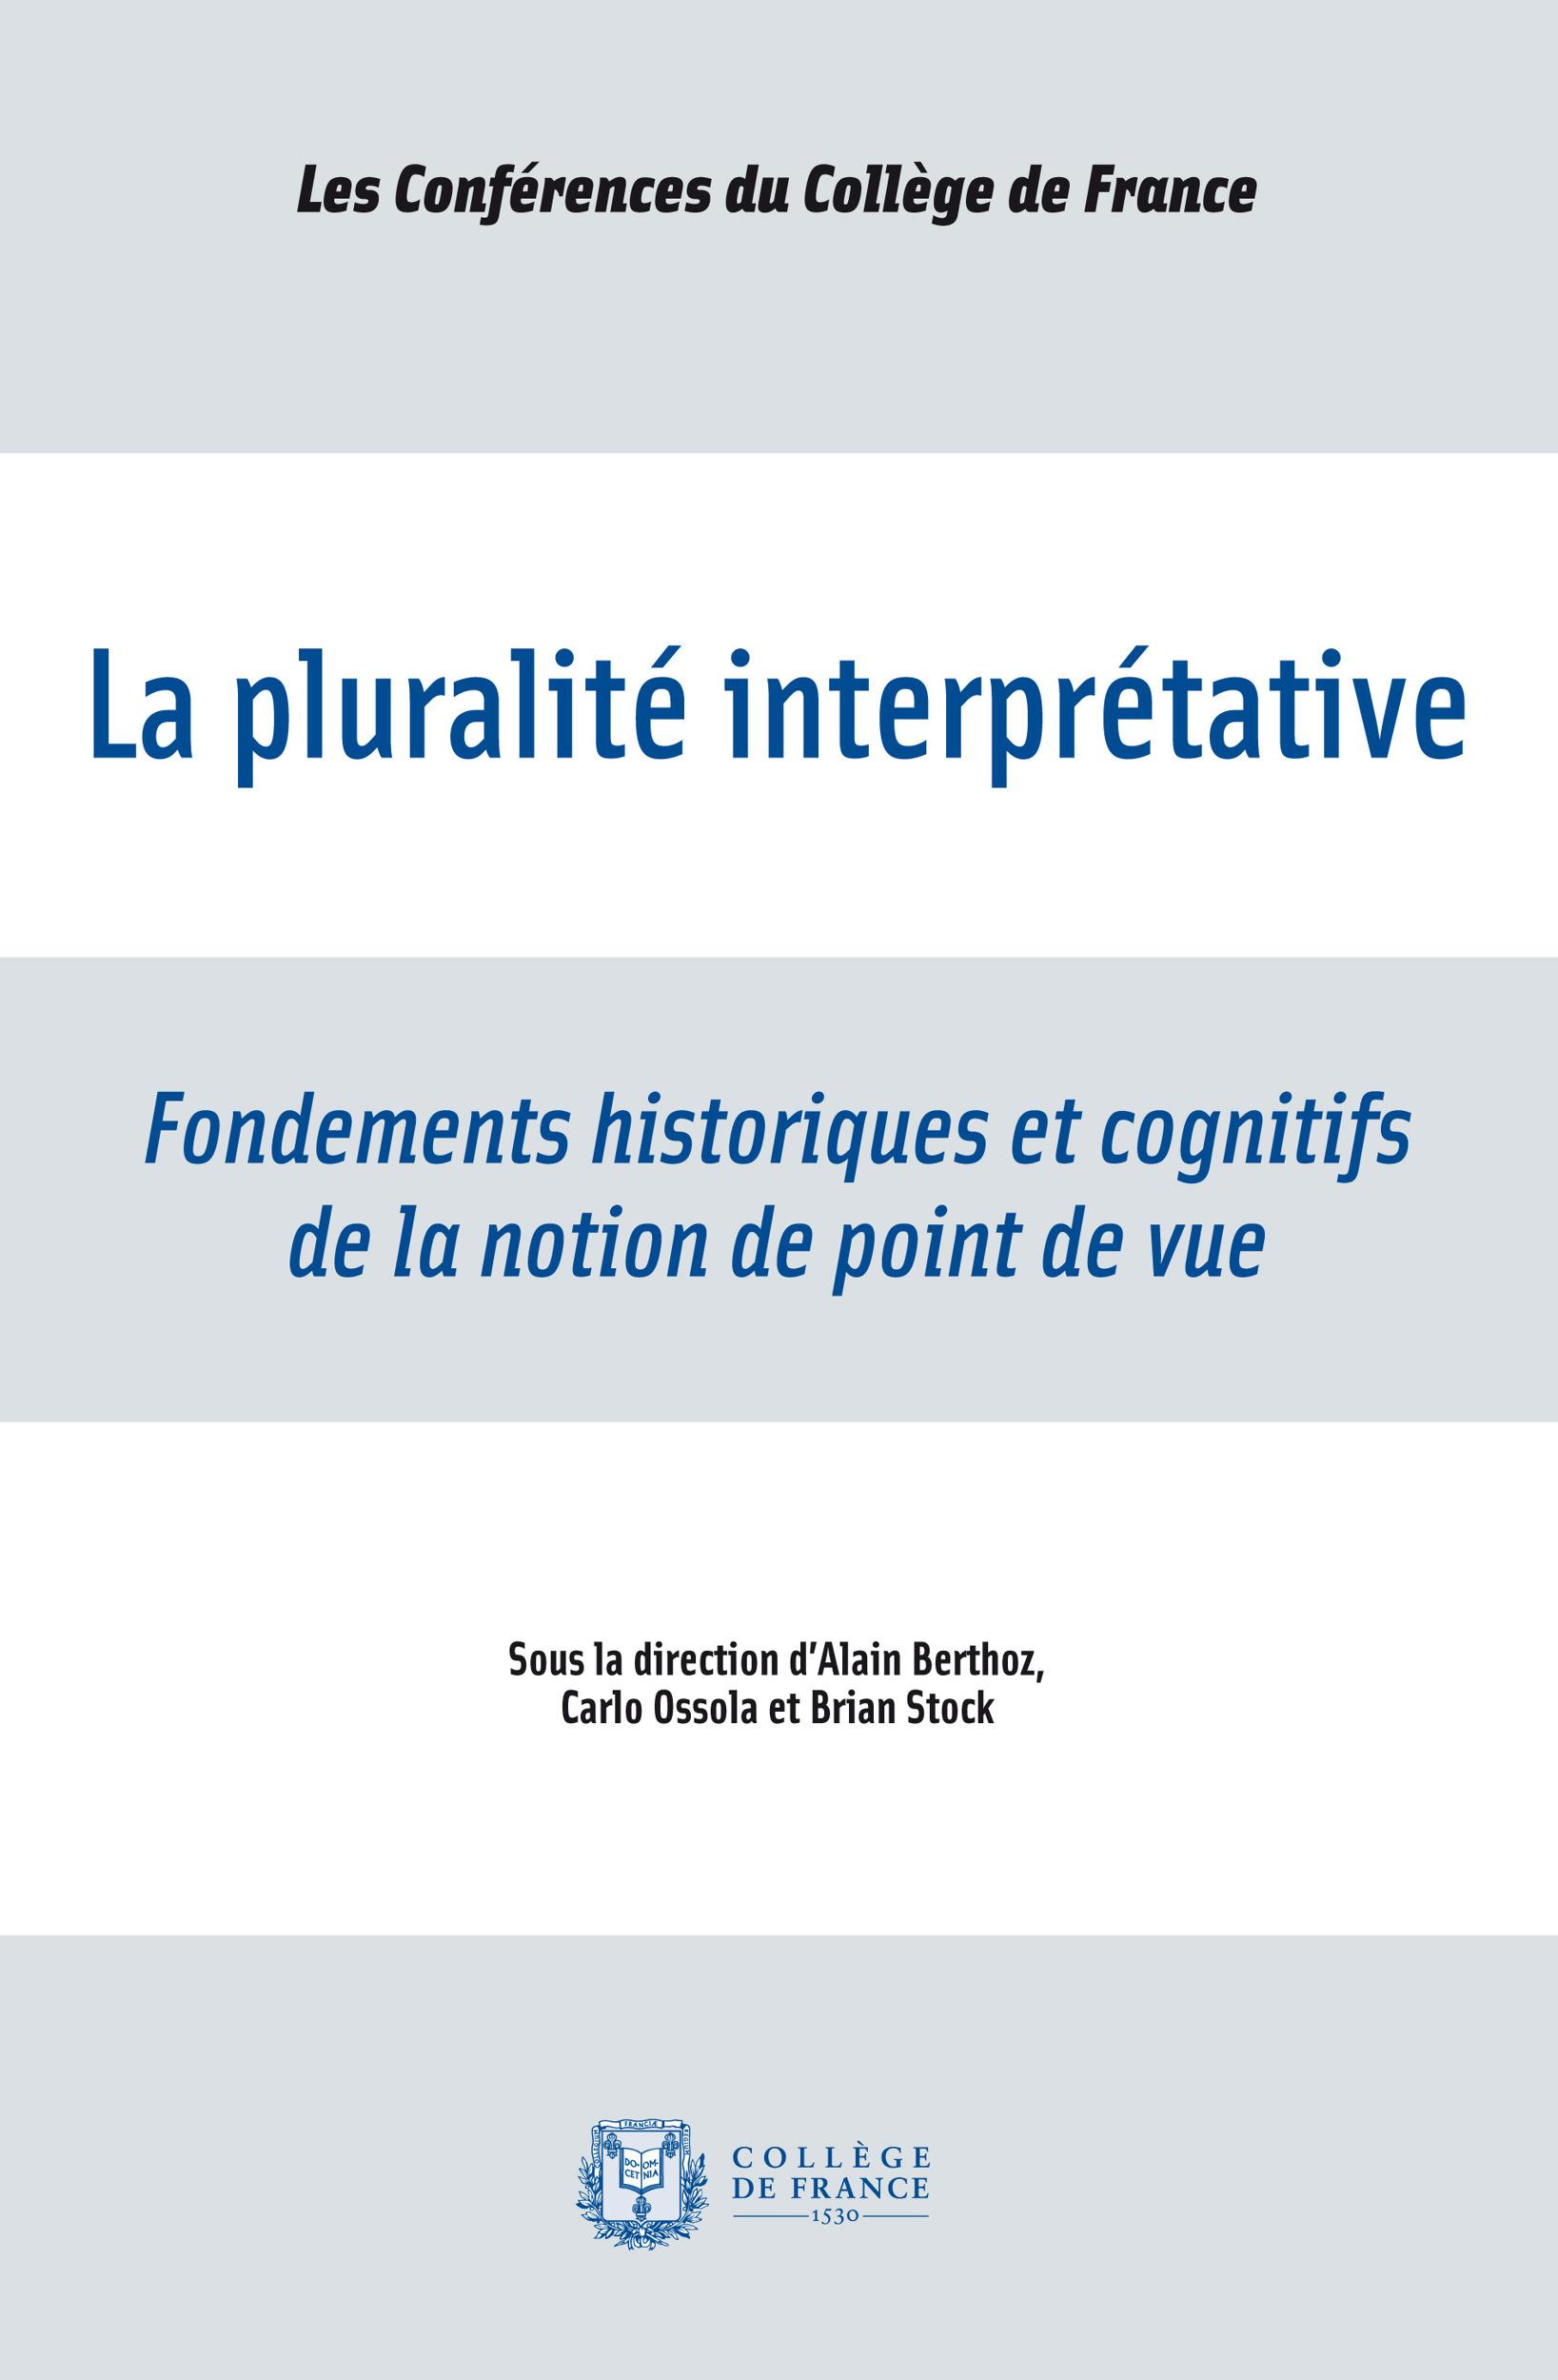 La pluralité interprétative ; fondements historiques et cognitifs de la notion de point de vue